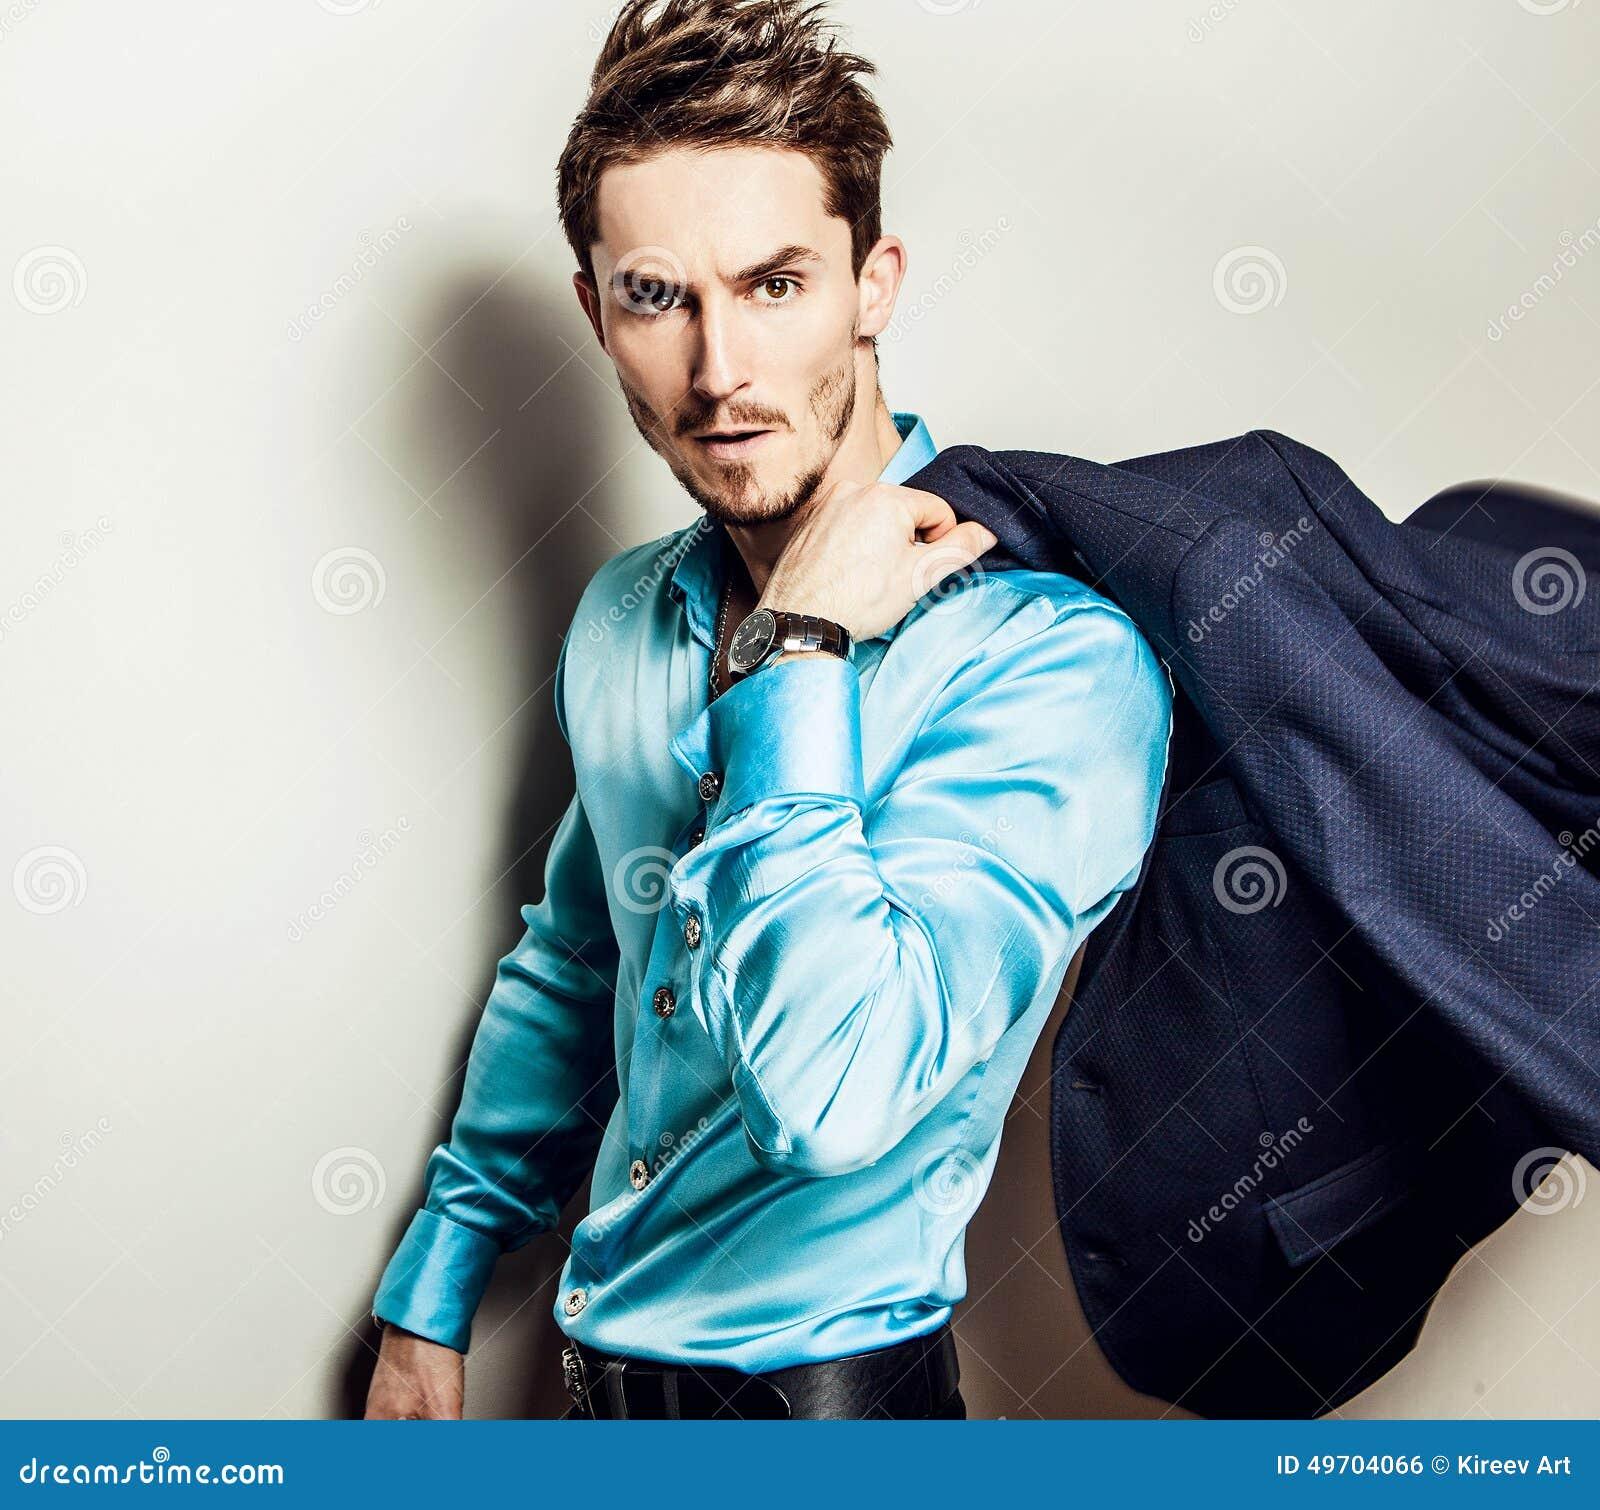 Camisa Retrato La Seda Elegante Hermoso Azul De Joven Hombre En QCEdeoWrxB